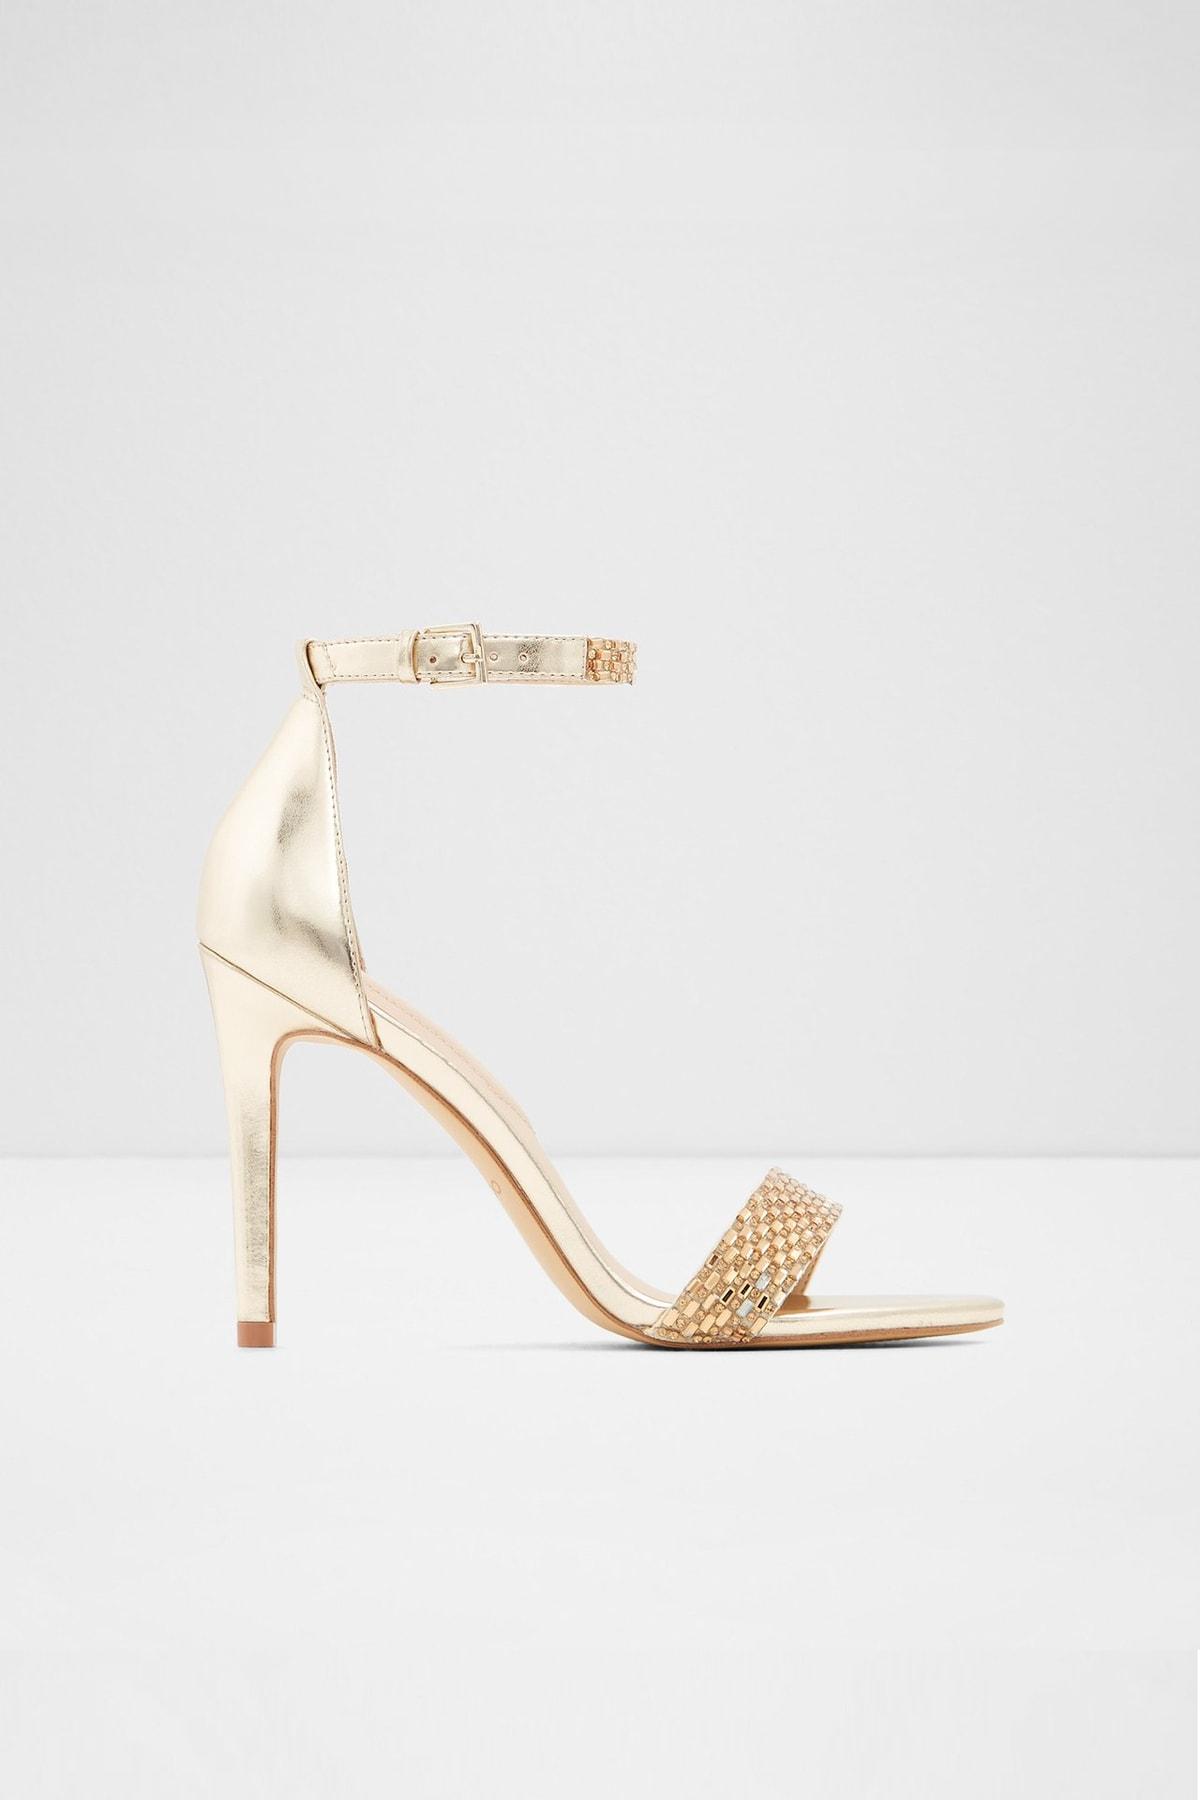 Aldo Kadın Altın Yüksek Topuklu Sandalet 1